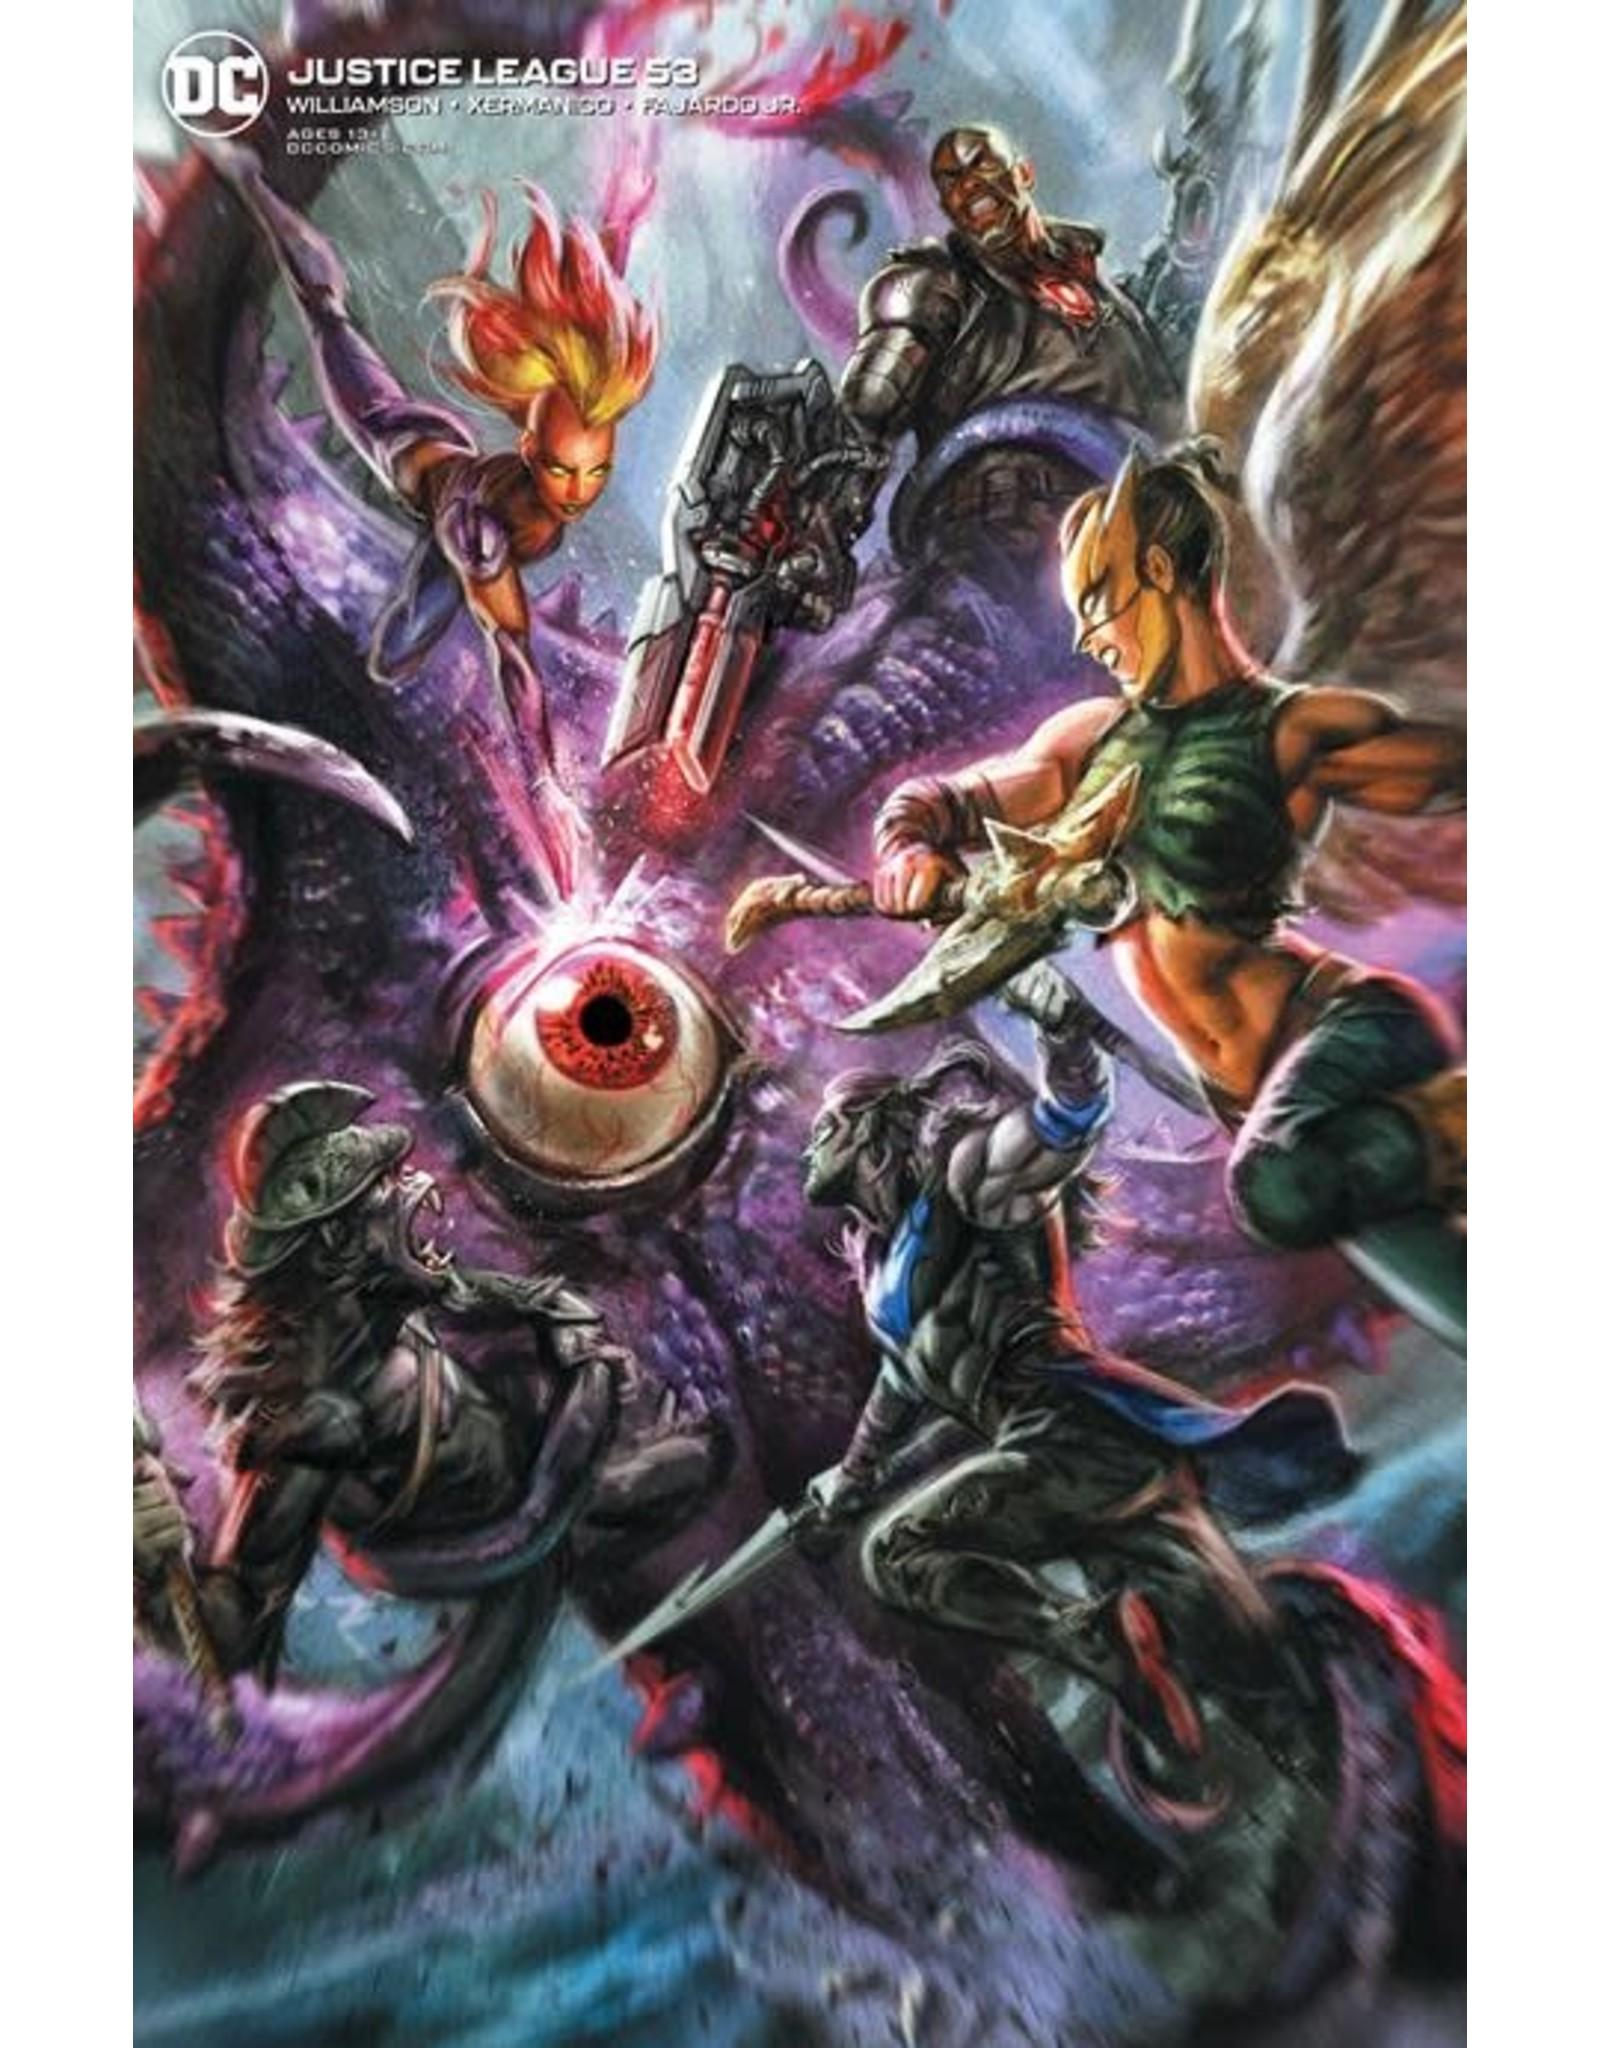 DC Comics JUSTICE LEAGUE #53 CVR B IAN MACDONALD VAR